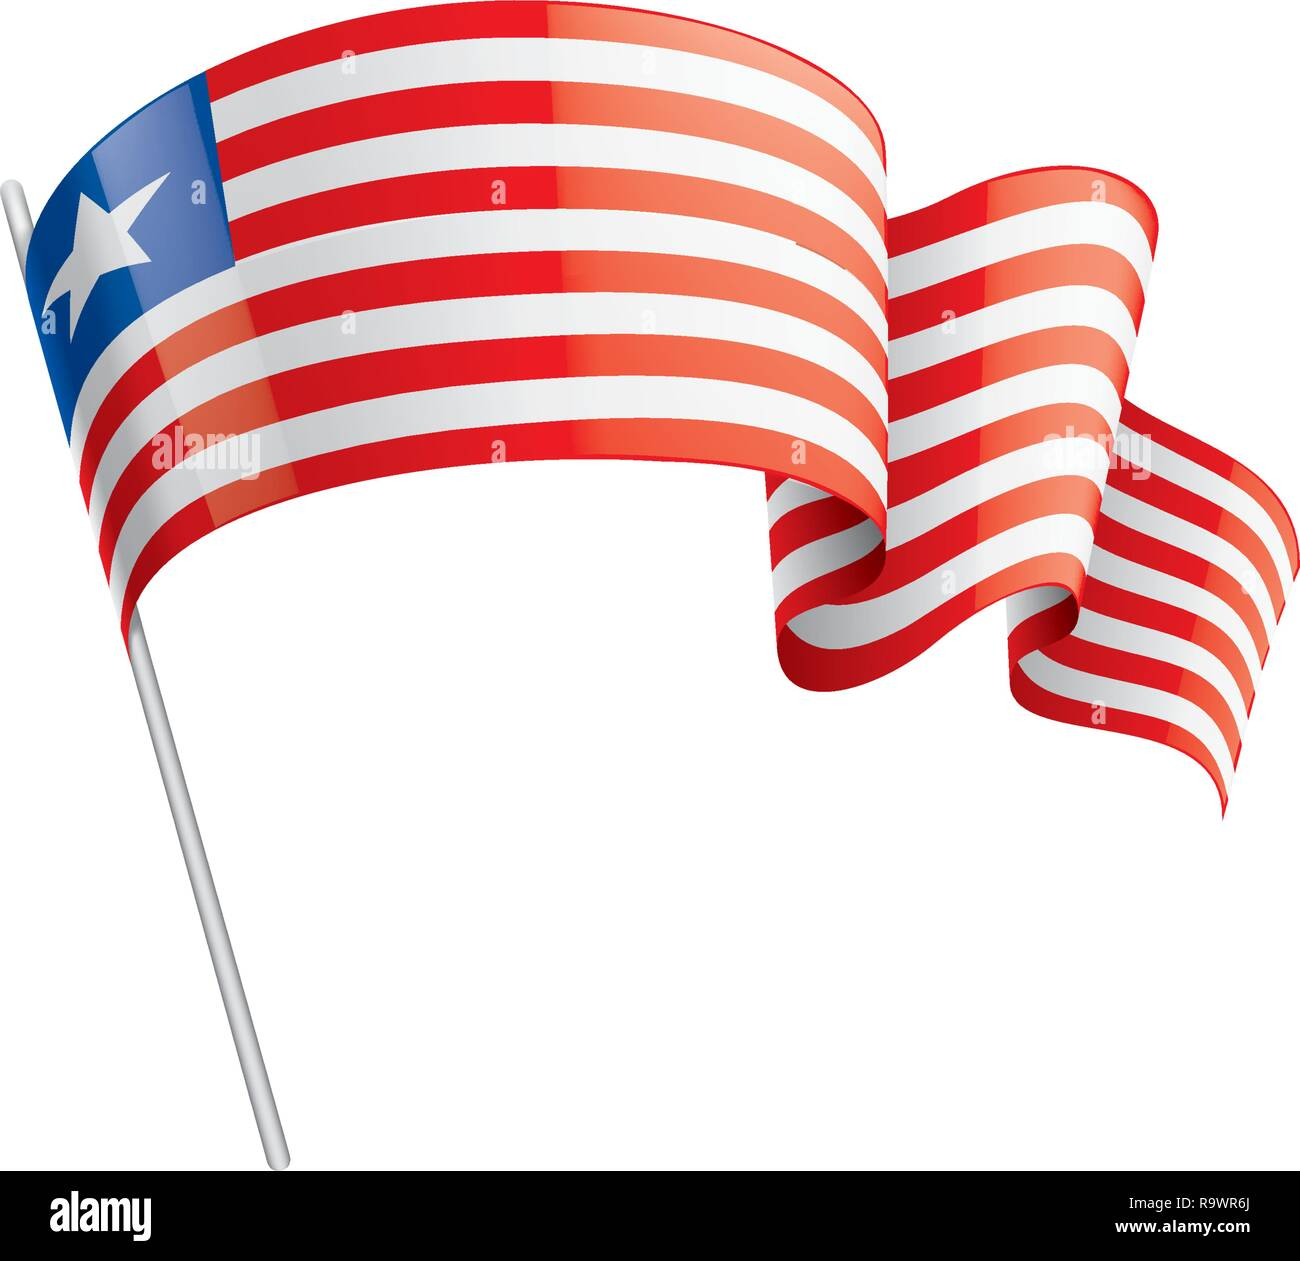 Liberia Bandiera Illustrazione Vettoriale Su Uno Sfondo Bianco